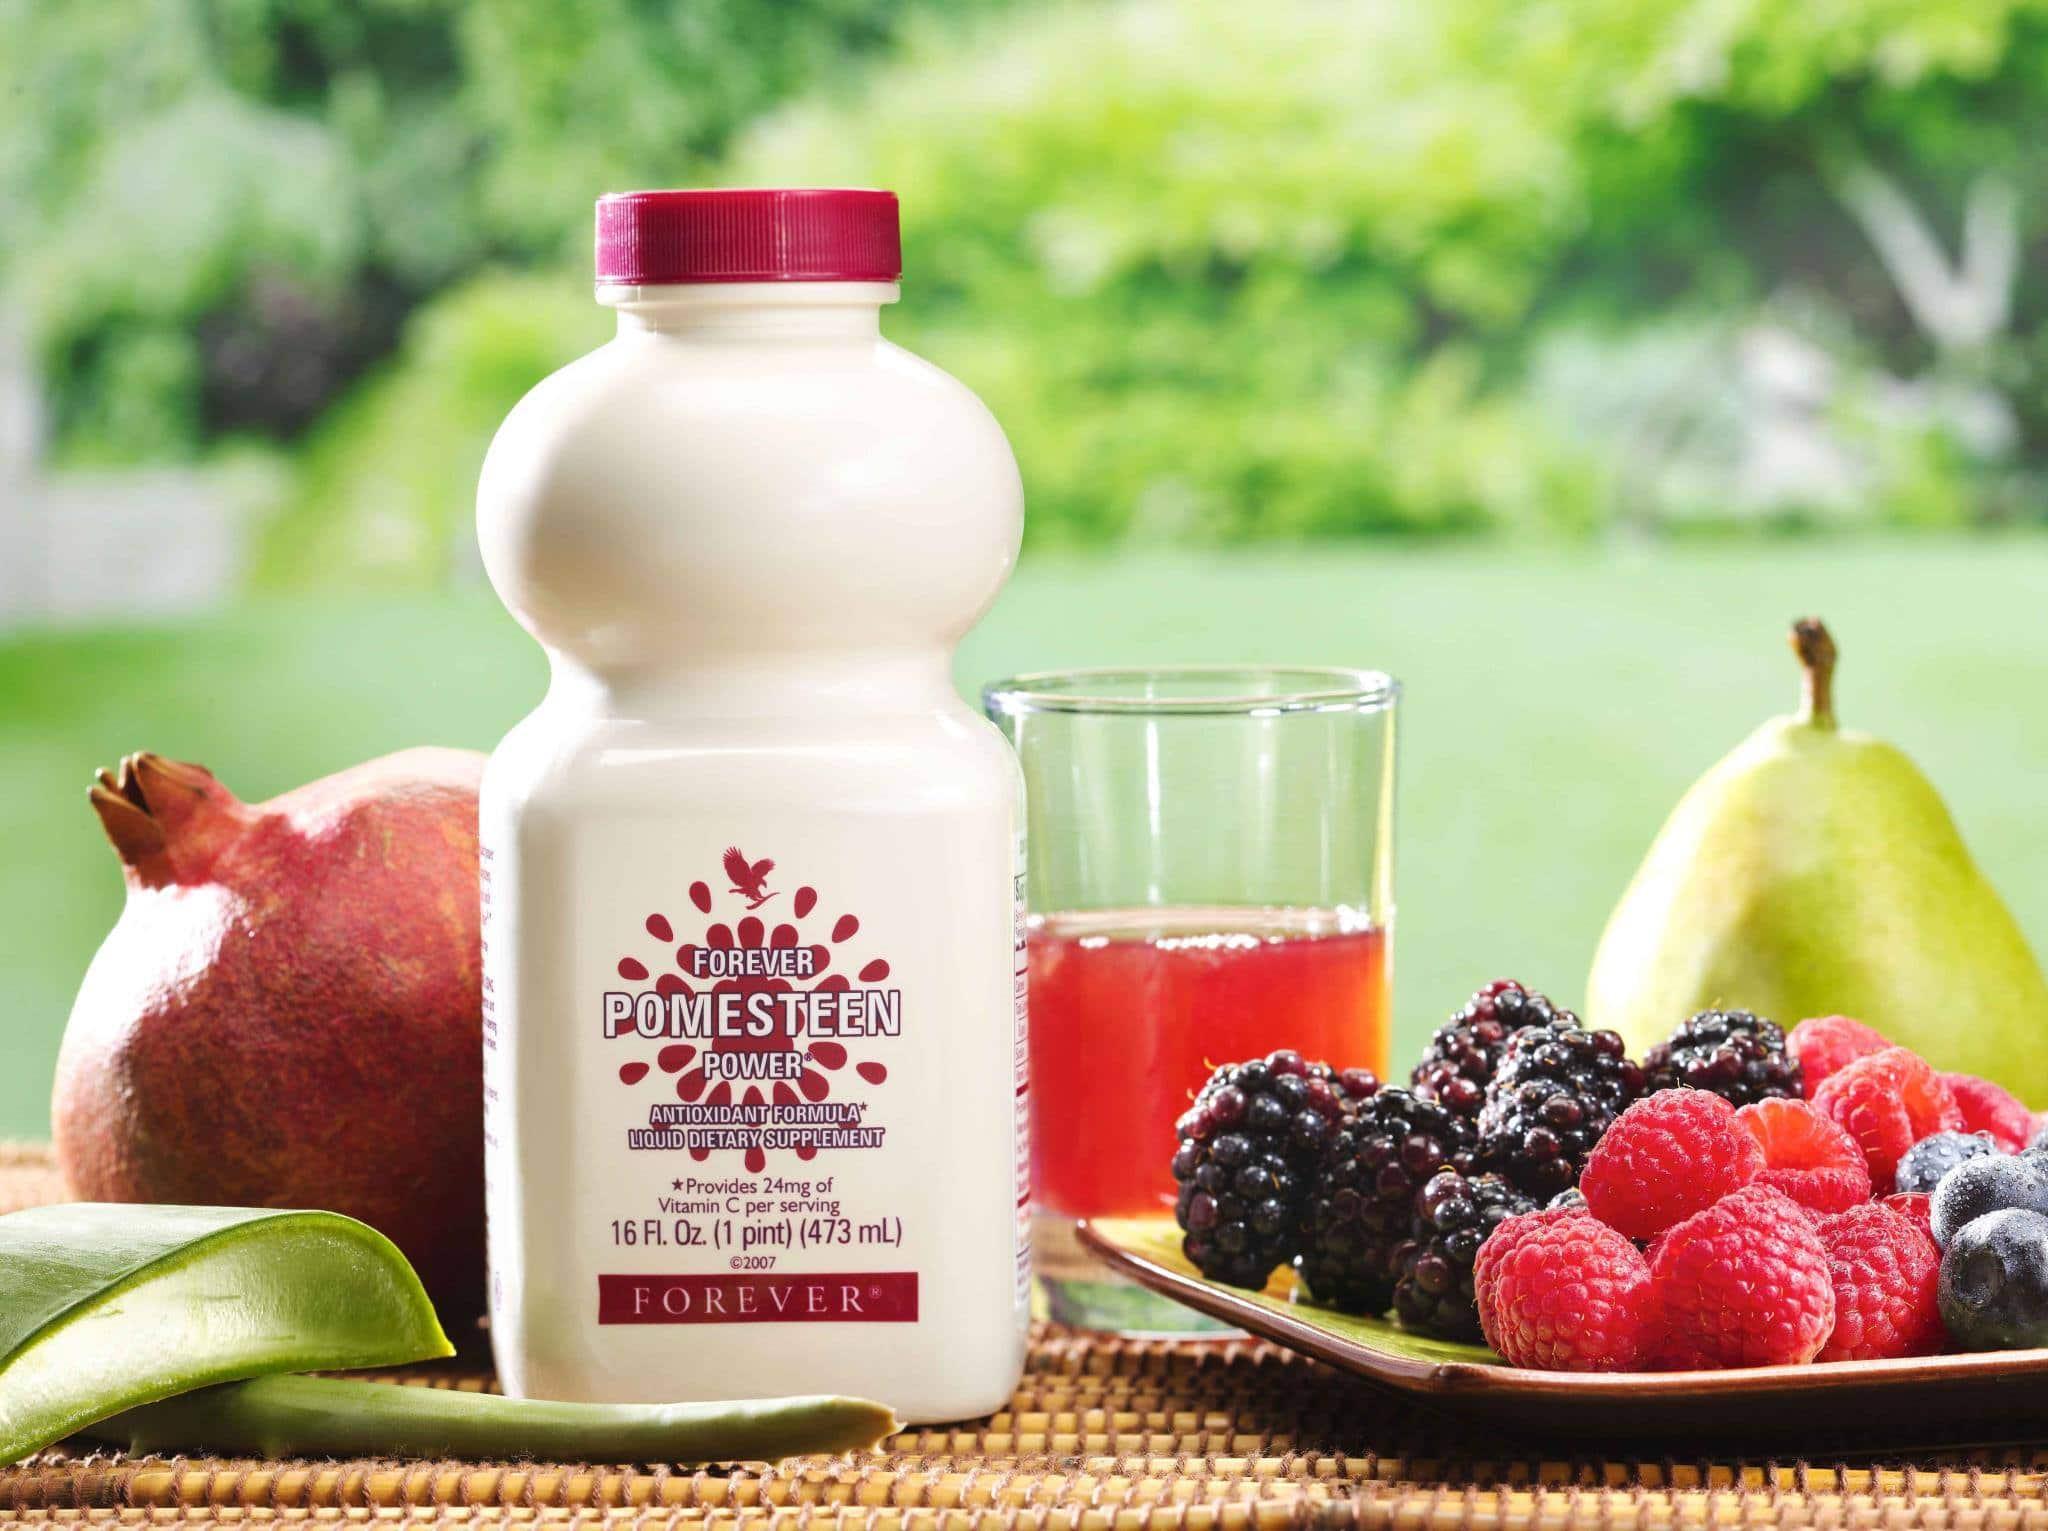 תמונה של משקה פומסטין - חי שפיר מוצרי אלוורה